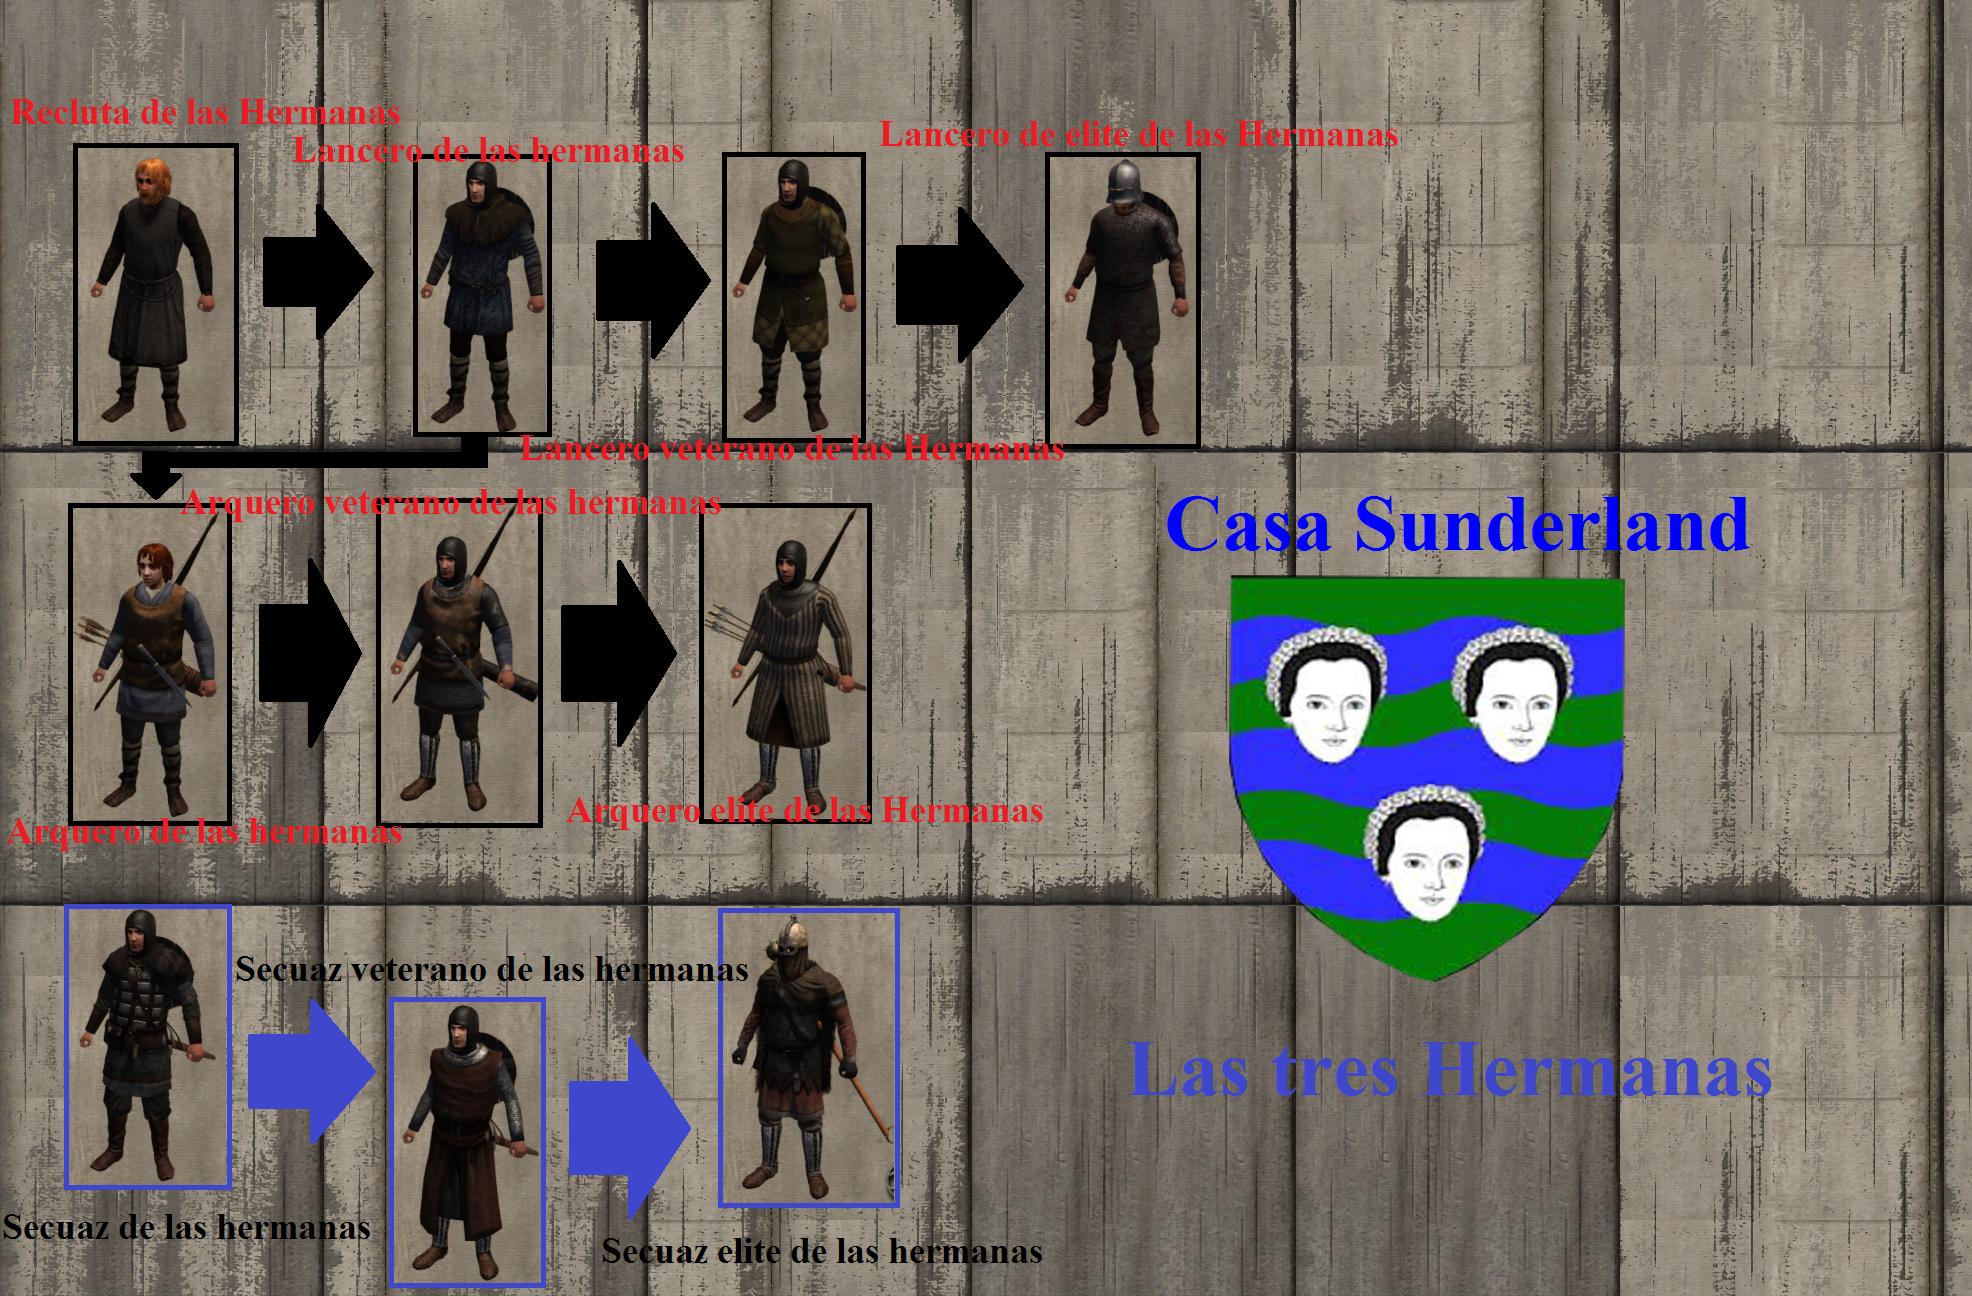 [A Clash of Kings] - Arboles de tropas & Bandidos YBRdH